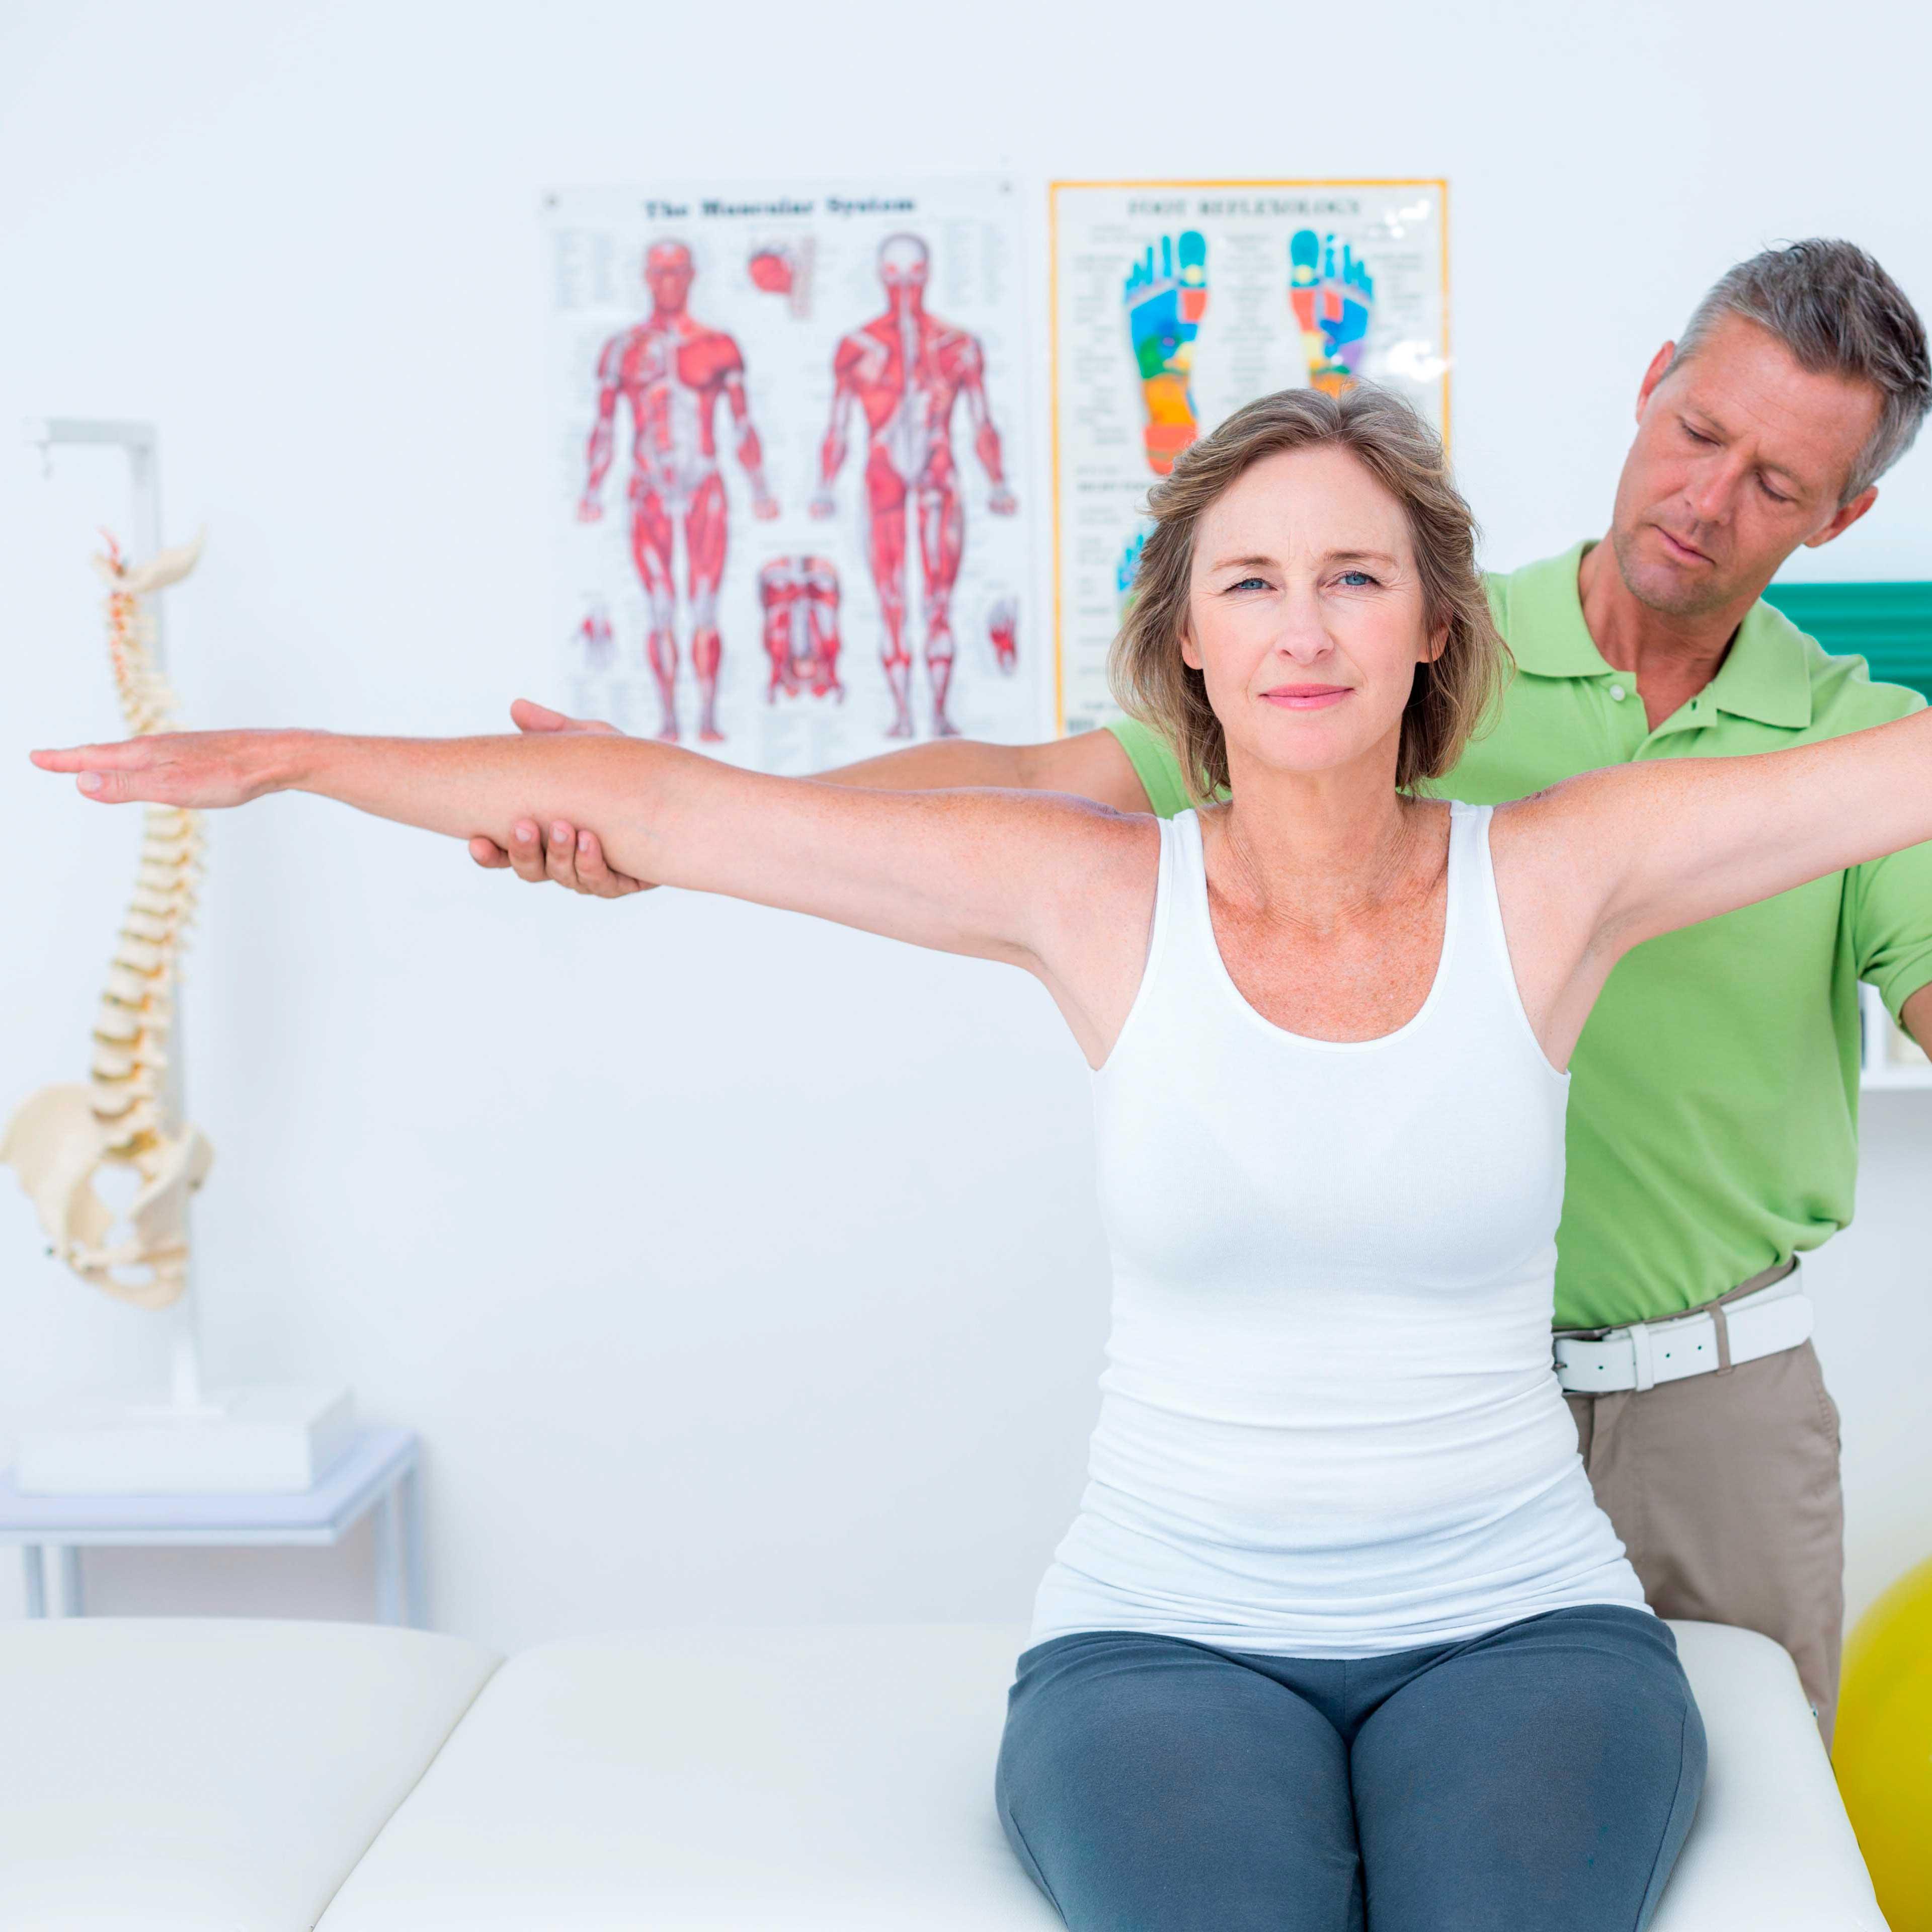 fysiotherapie-gorecht-hoogezand-u-staat-centraal